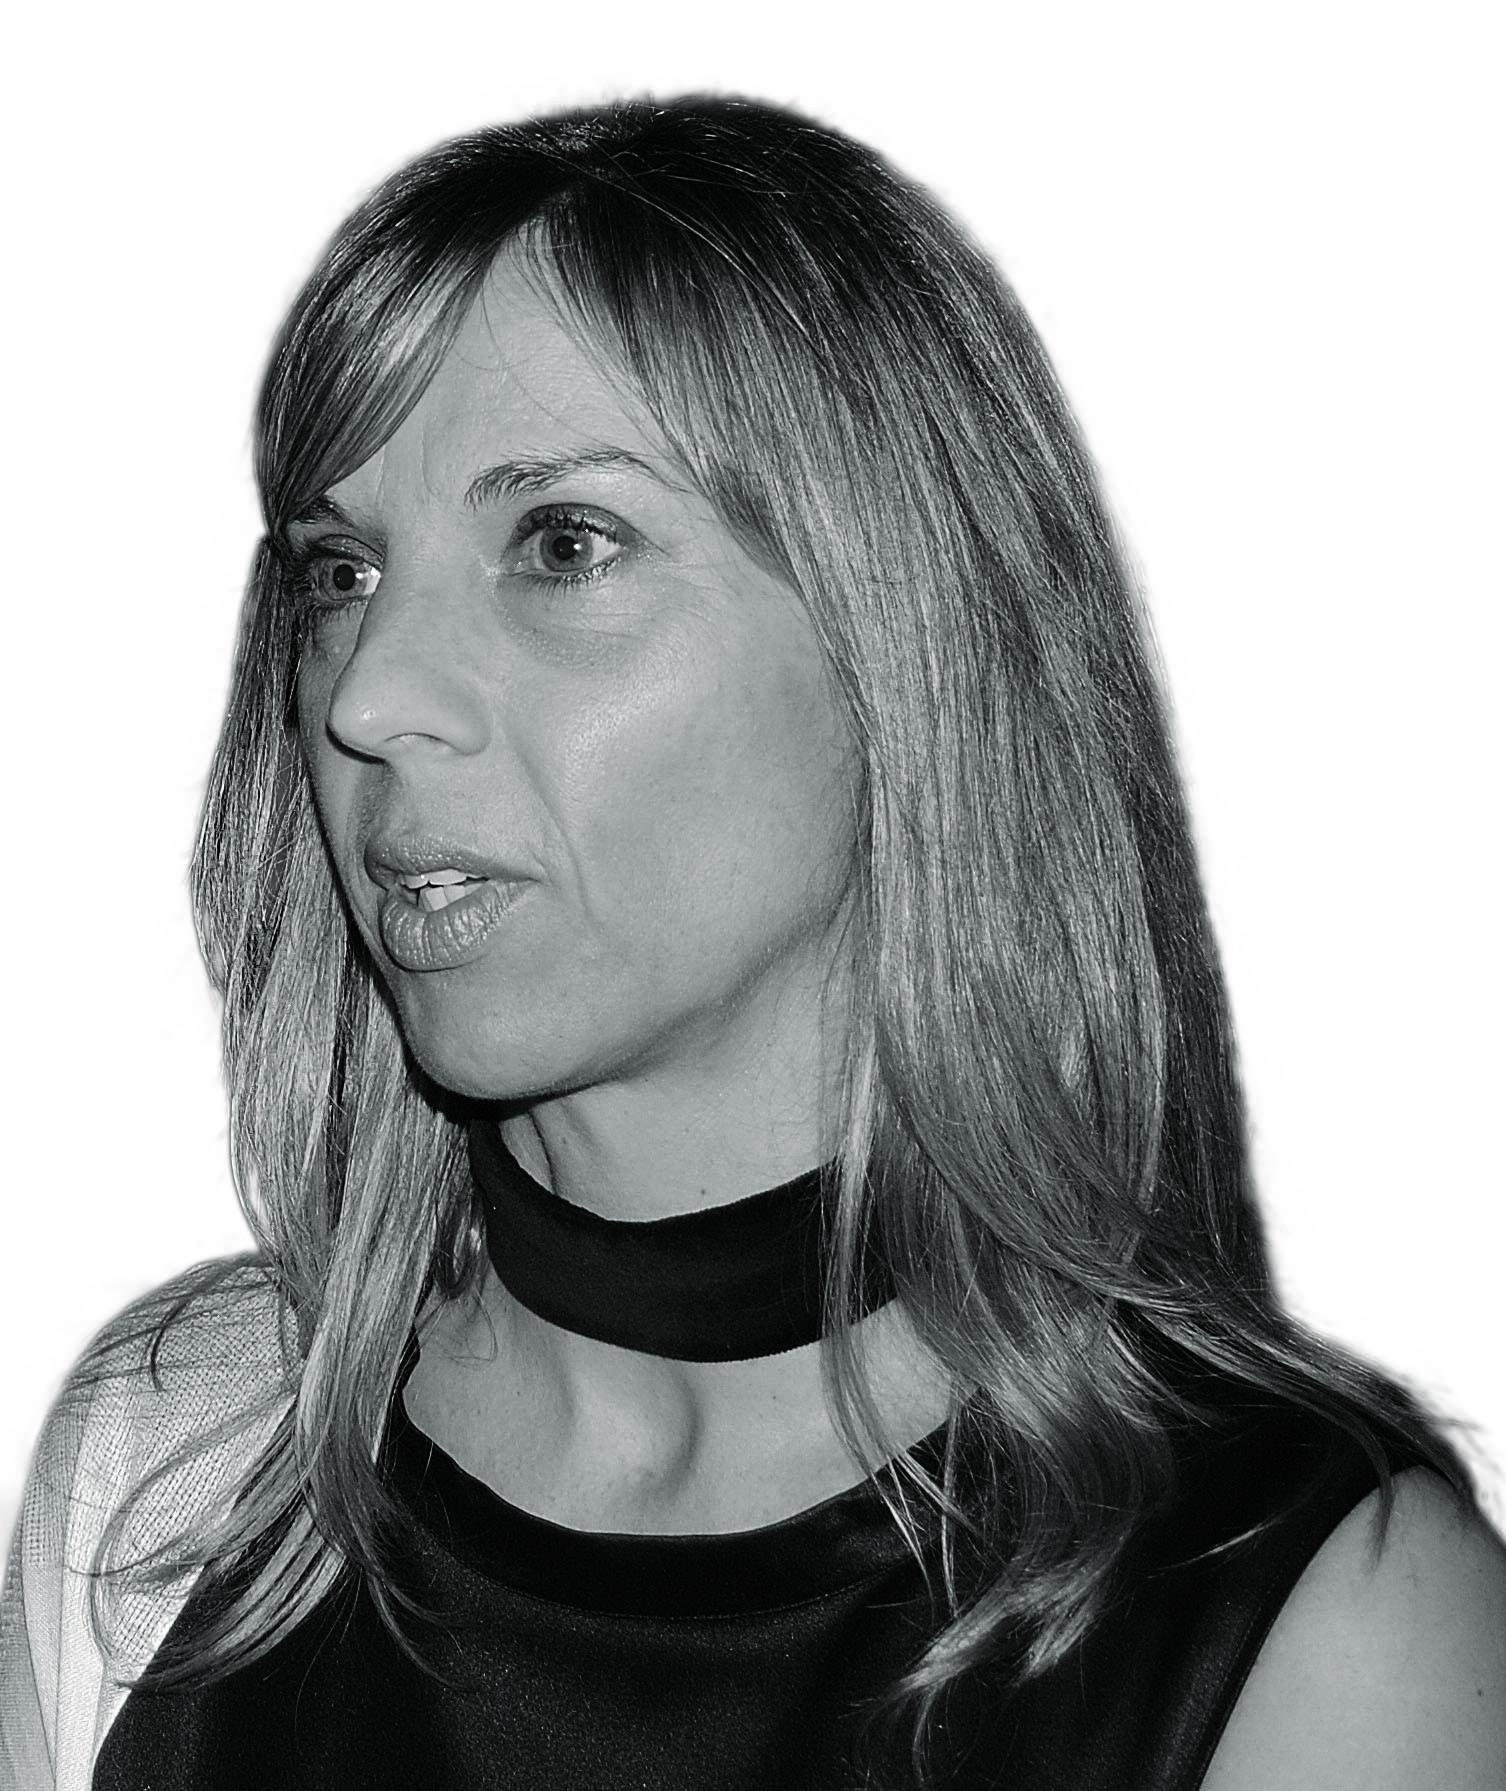 Teresa Lobato faria Imagem_0001.jpg